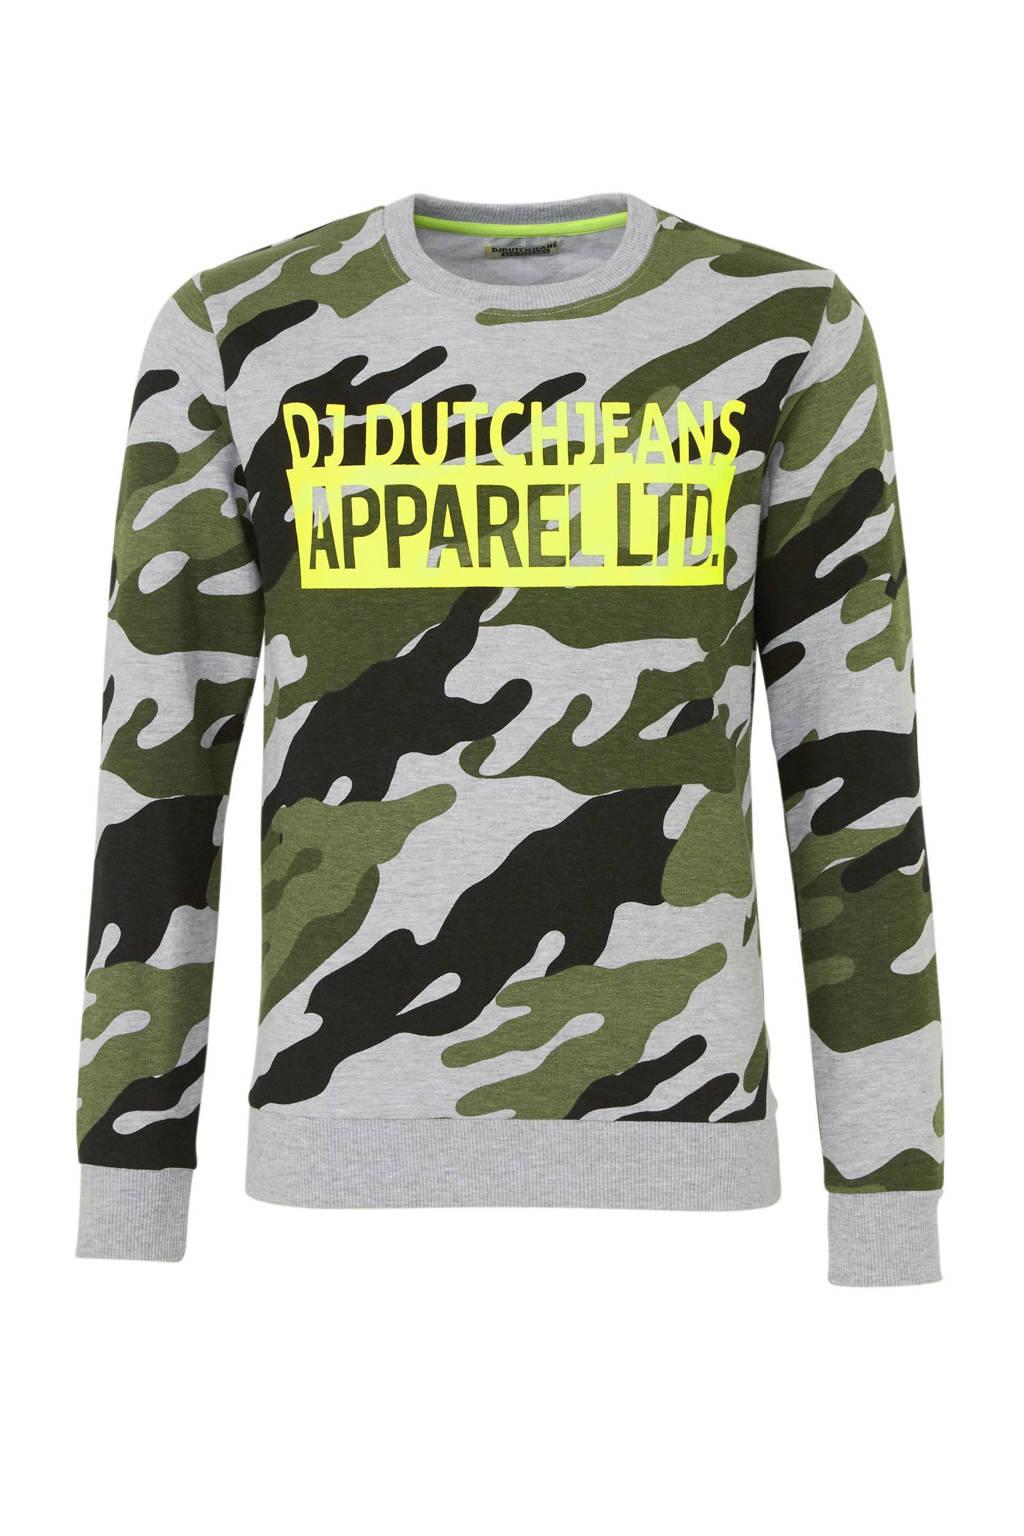 DJ Dutchjeans sweater met camouflageprint army groen/grijs, Army groen/grijs